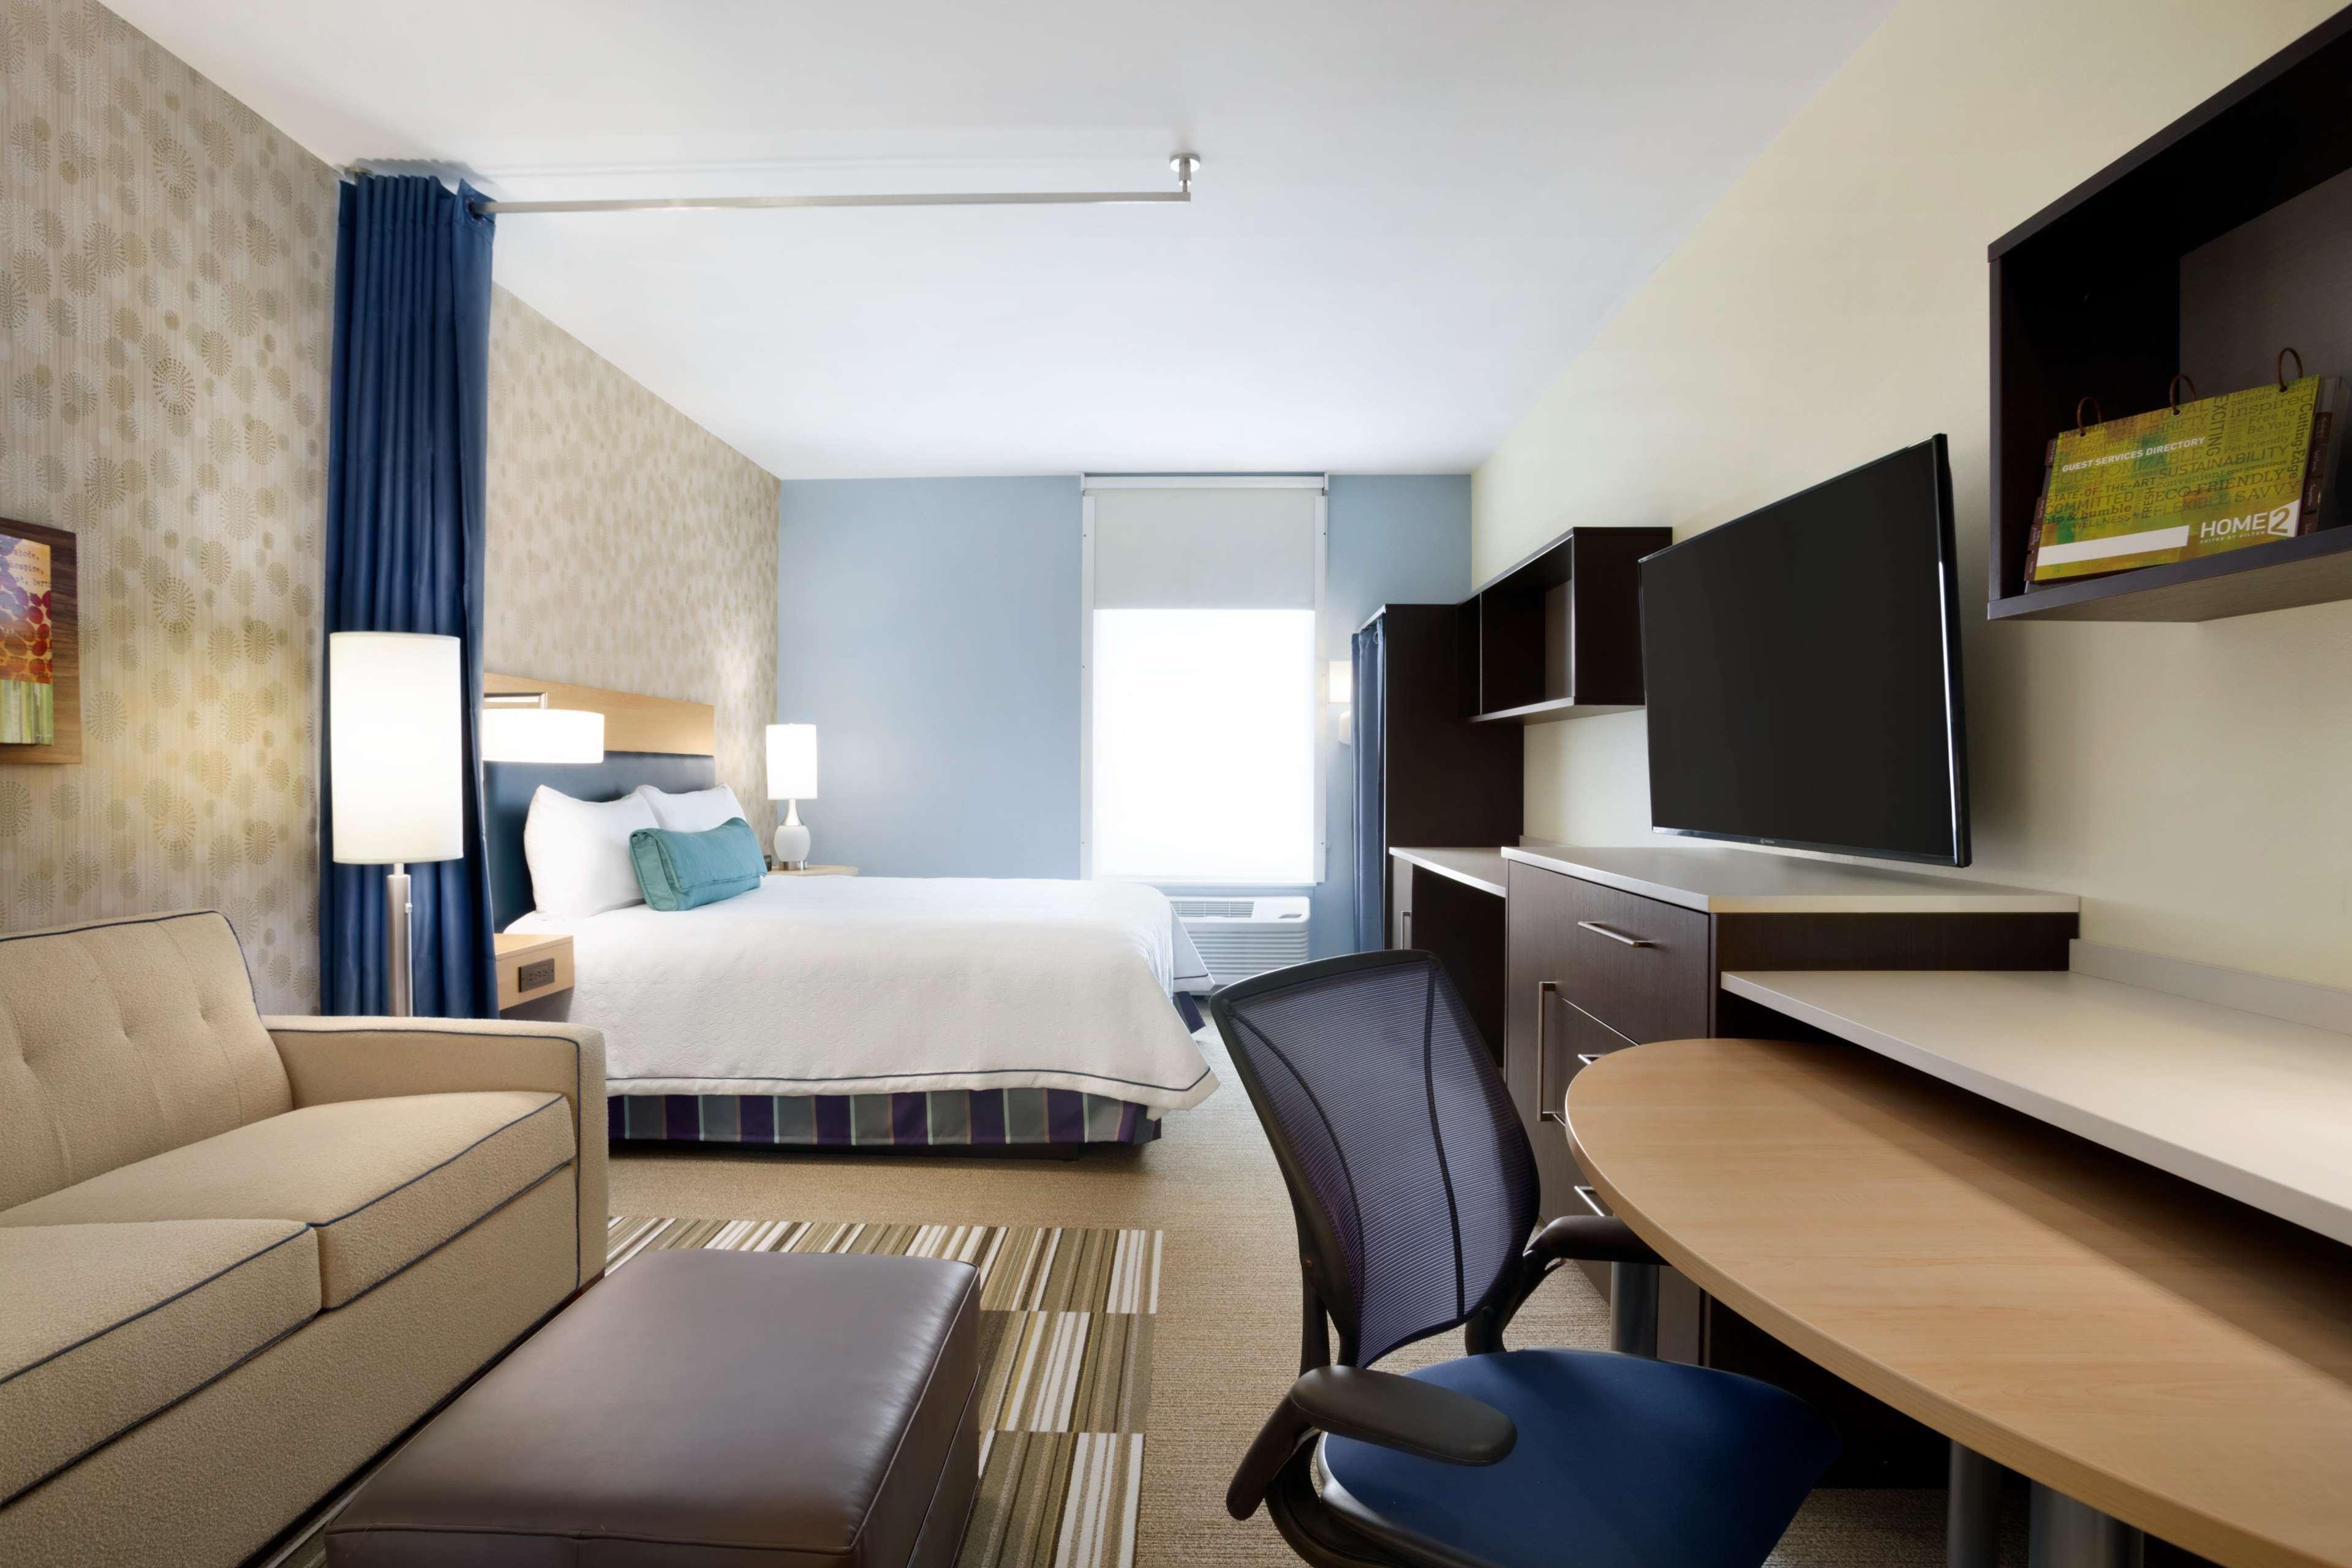 Home2 Suites by Hilton McAllen image 28